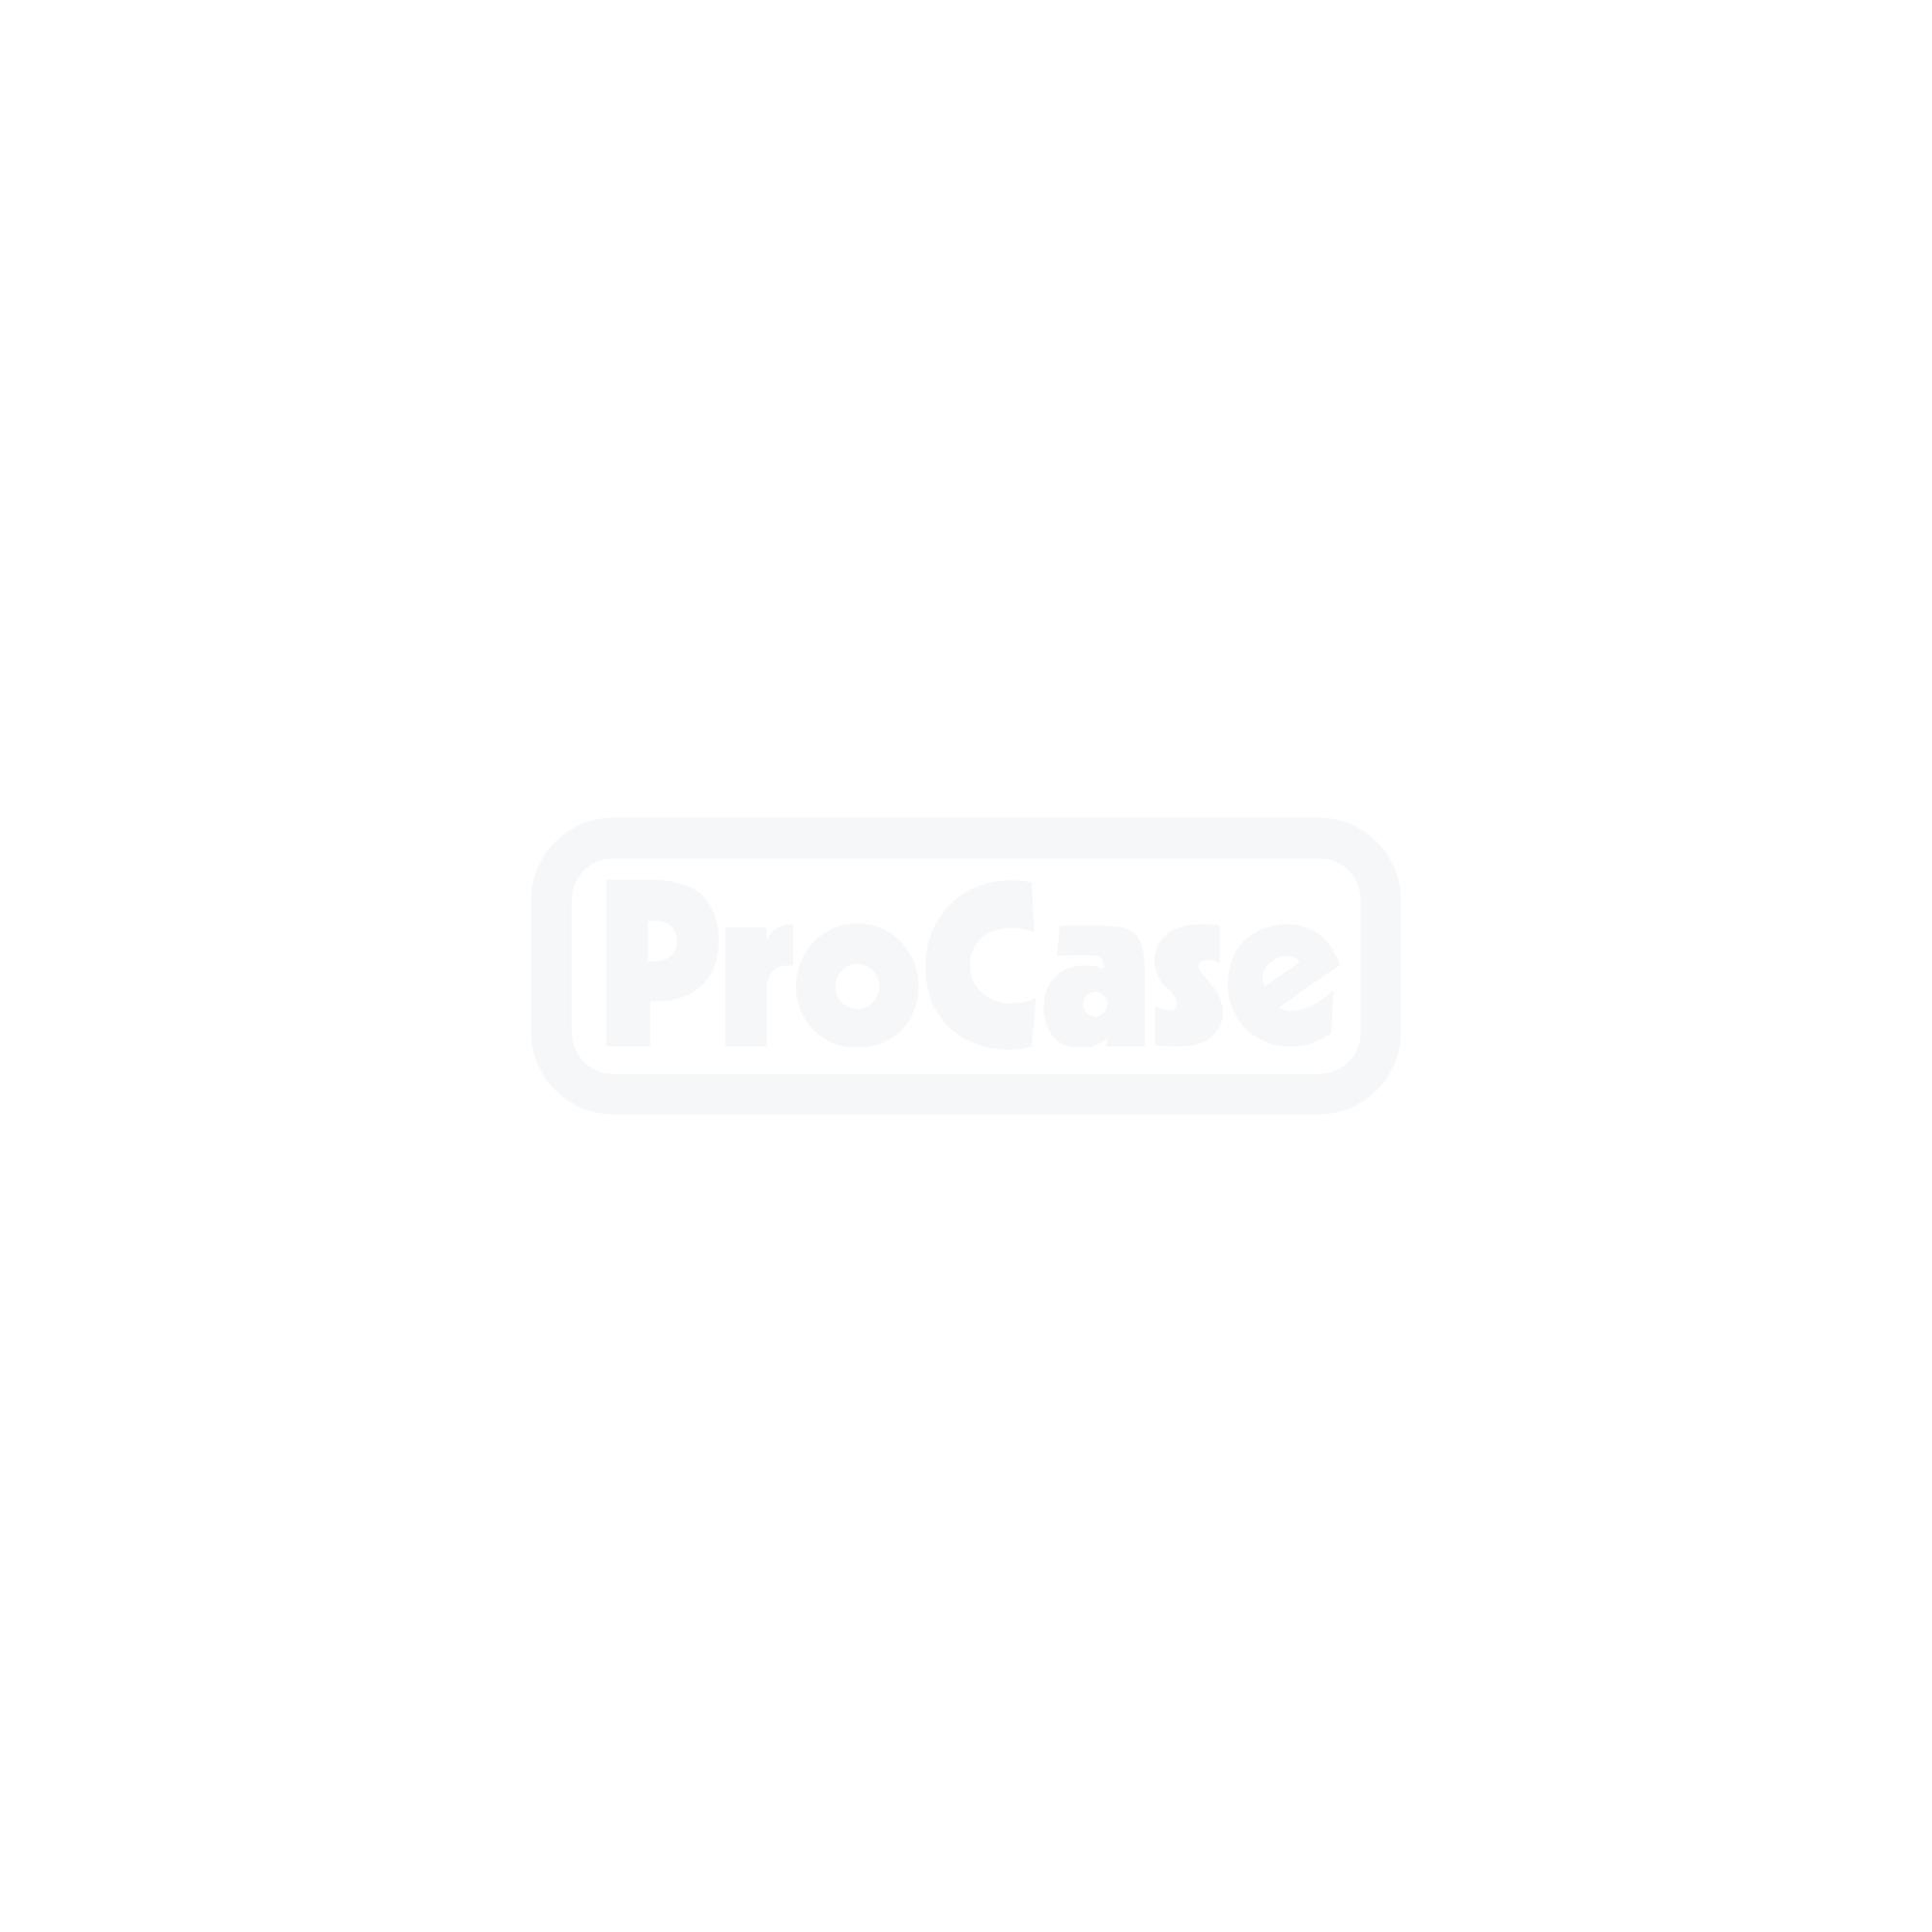 Flightcase für 2x Safex Flame-Jet DUO 2